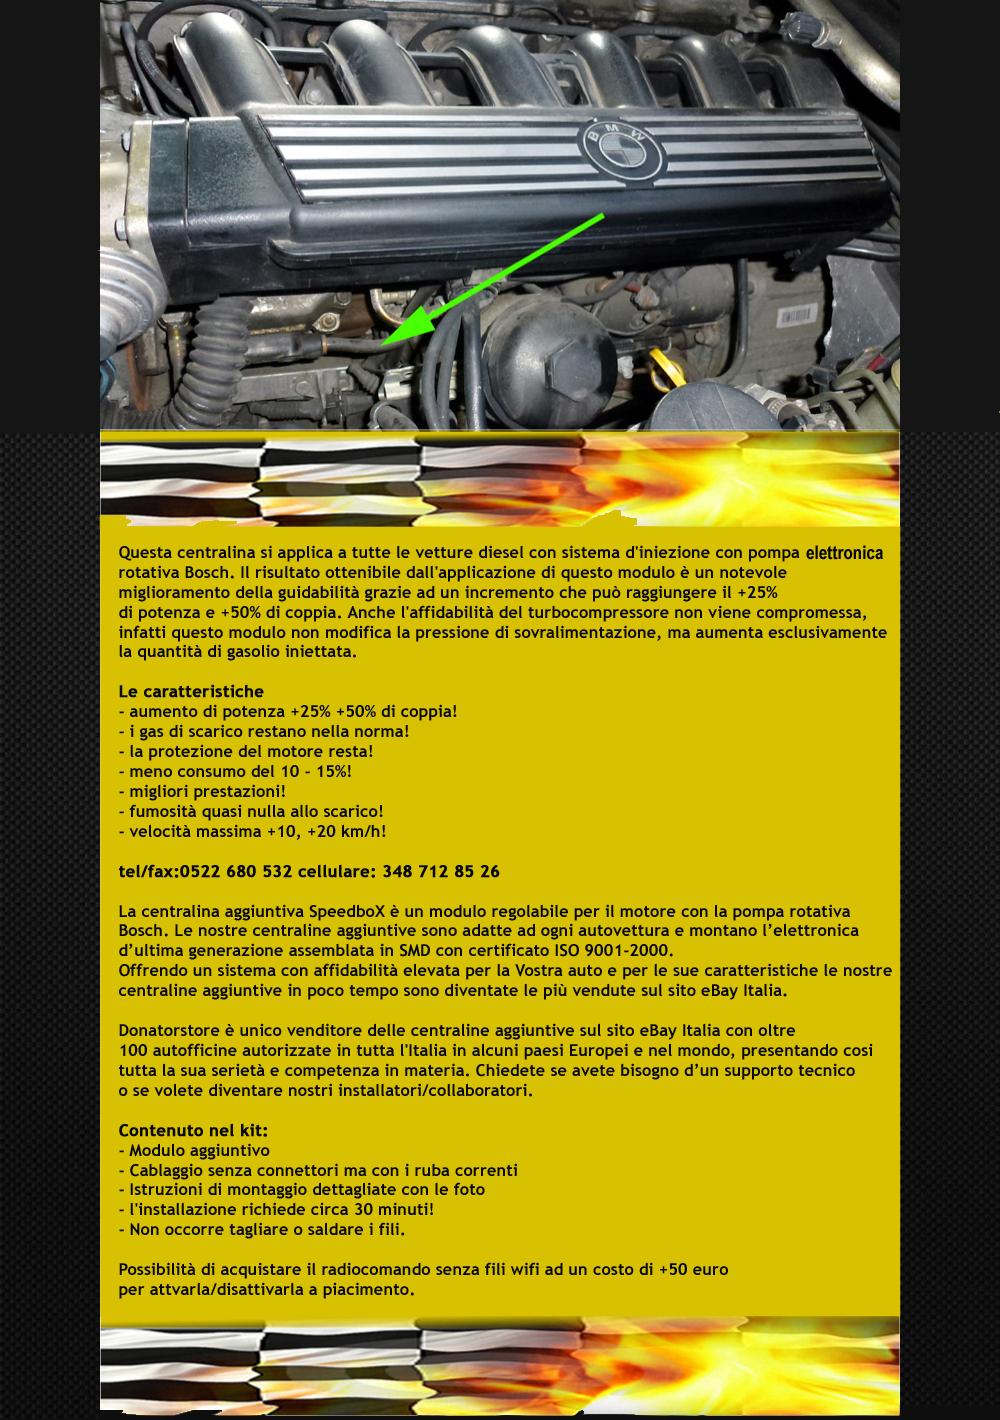 brevemente 07.98-12.03 radlauf reparación chapa trasera derecha Renault Master d